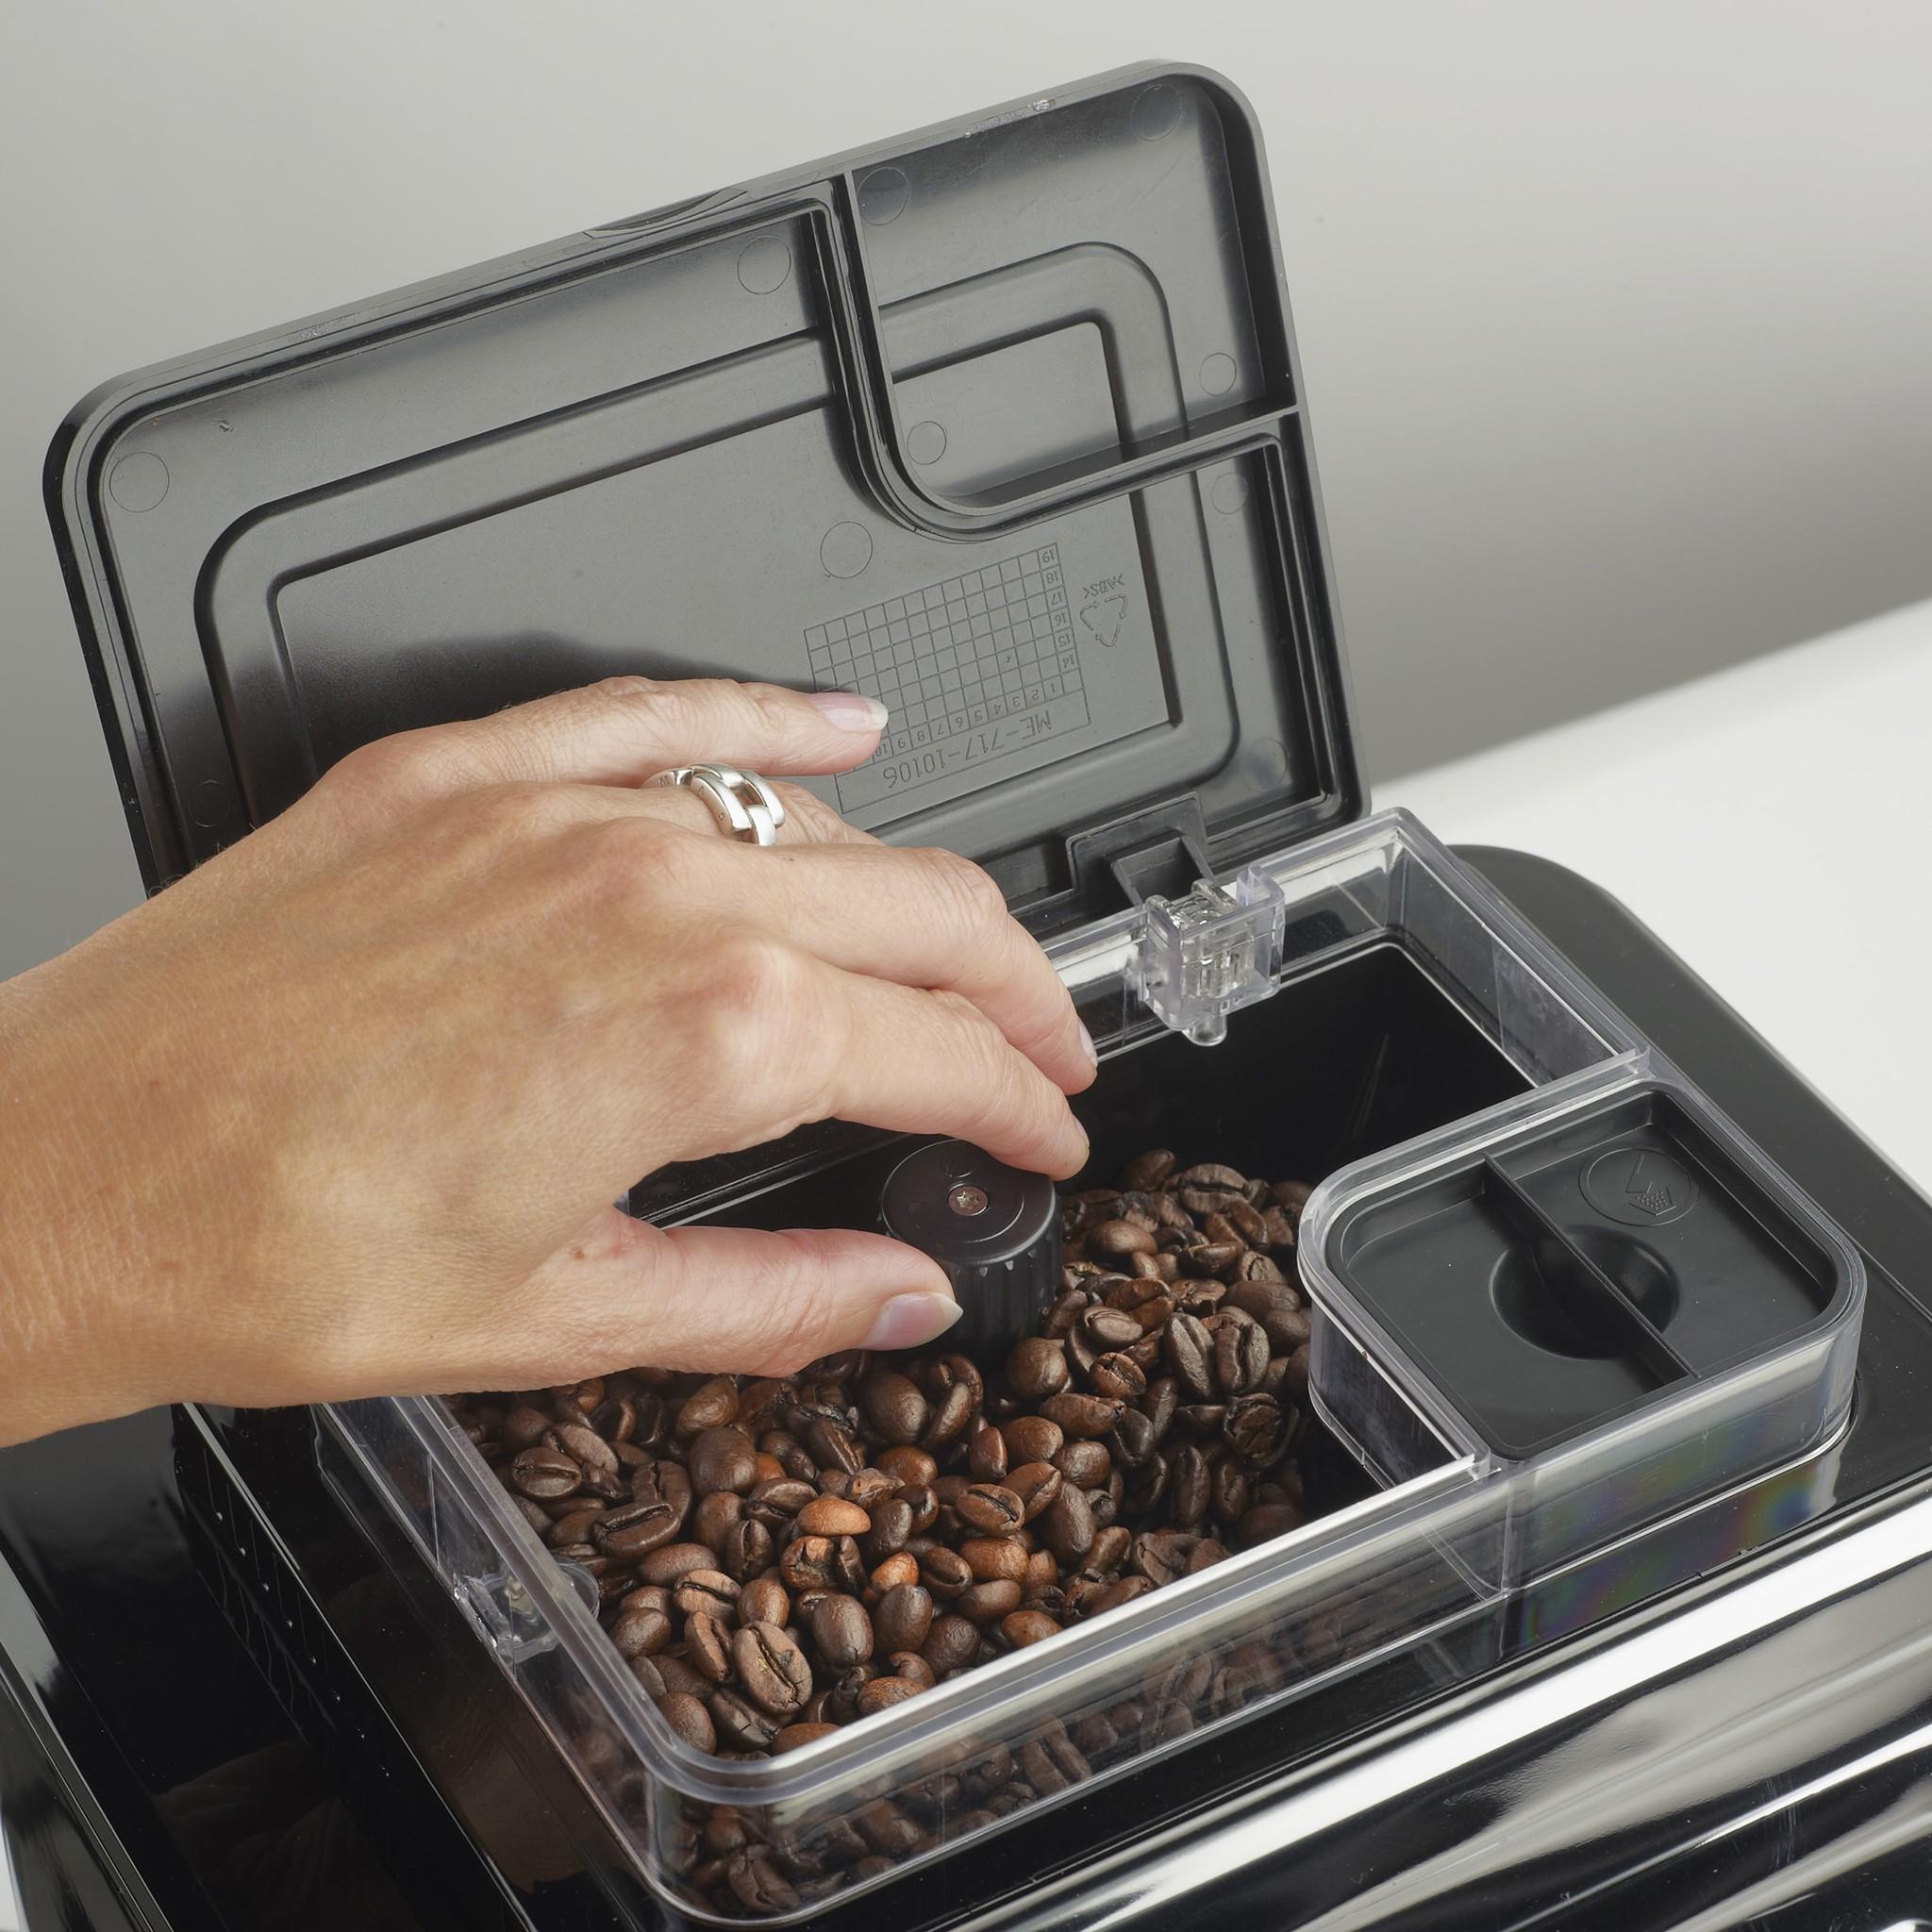 Acopino- Diese edle Kaffeemaschine sollten Sie sich anschauen! - Bildergalerie , Bild 5